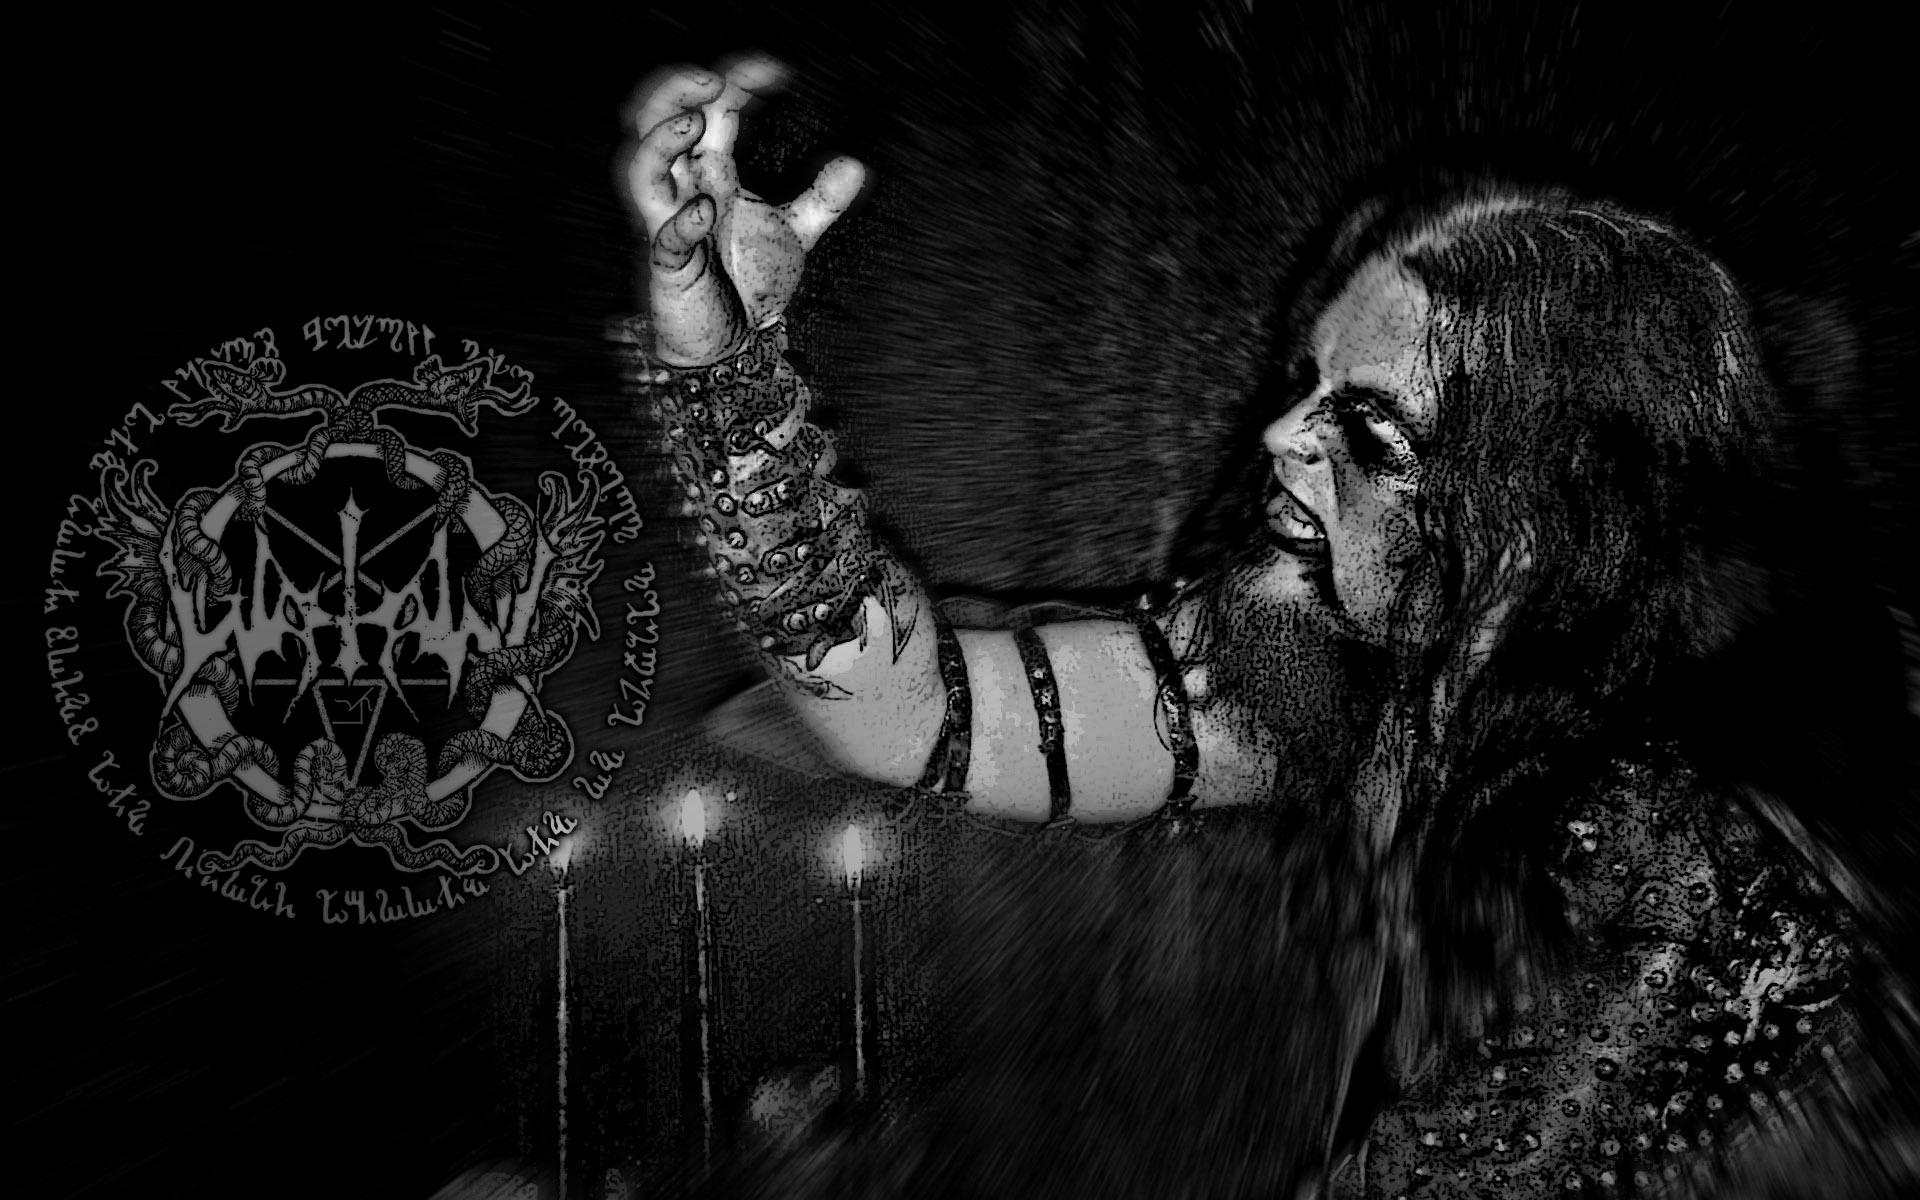 Death metal bands wallpapers wallpapersafari - Death metal wallpaper hd ...